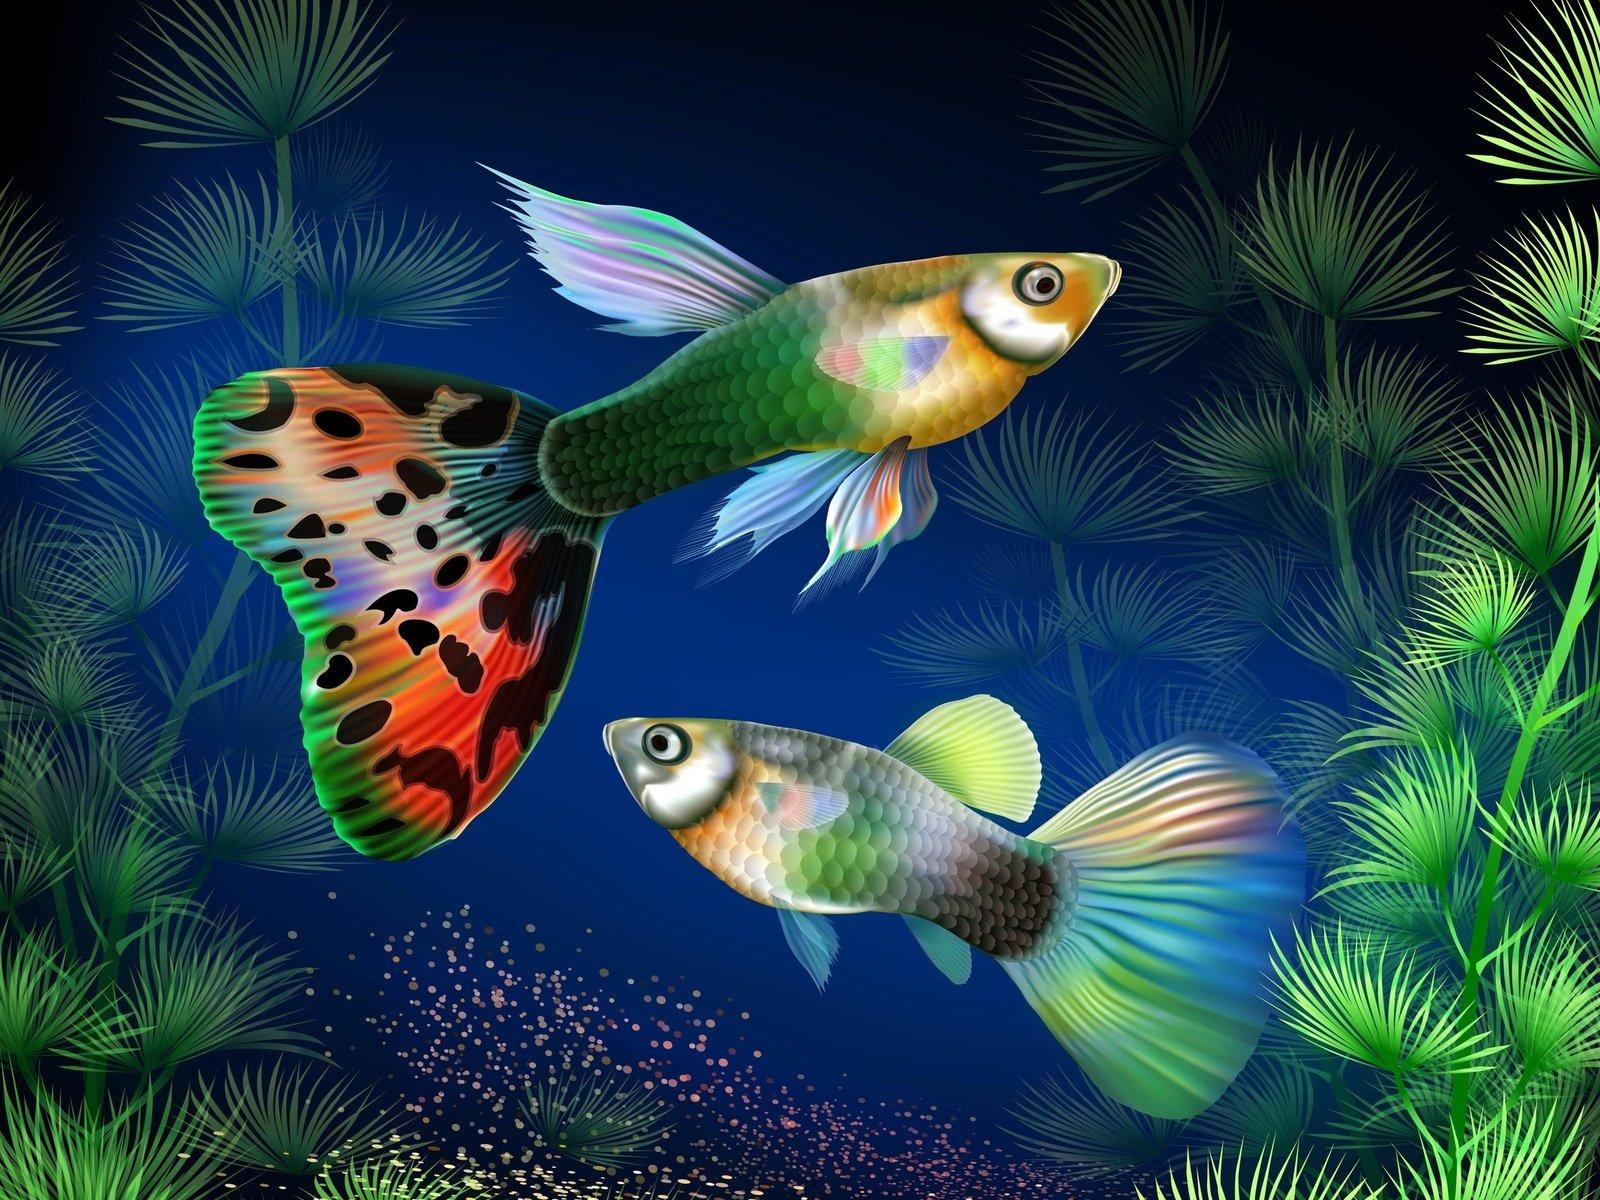 цветы картинки с рыбками можете